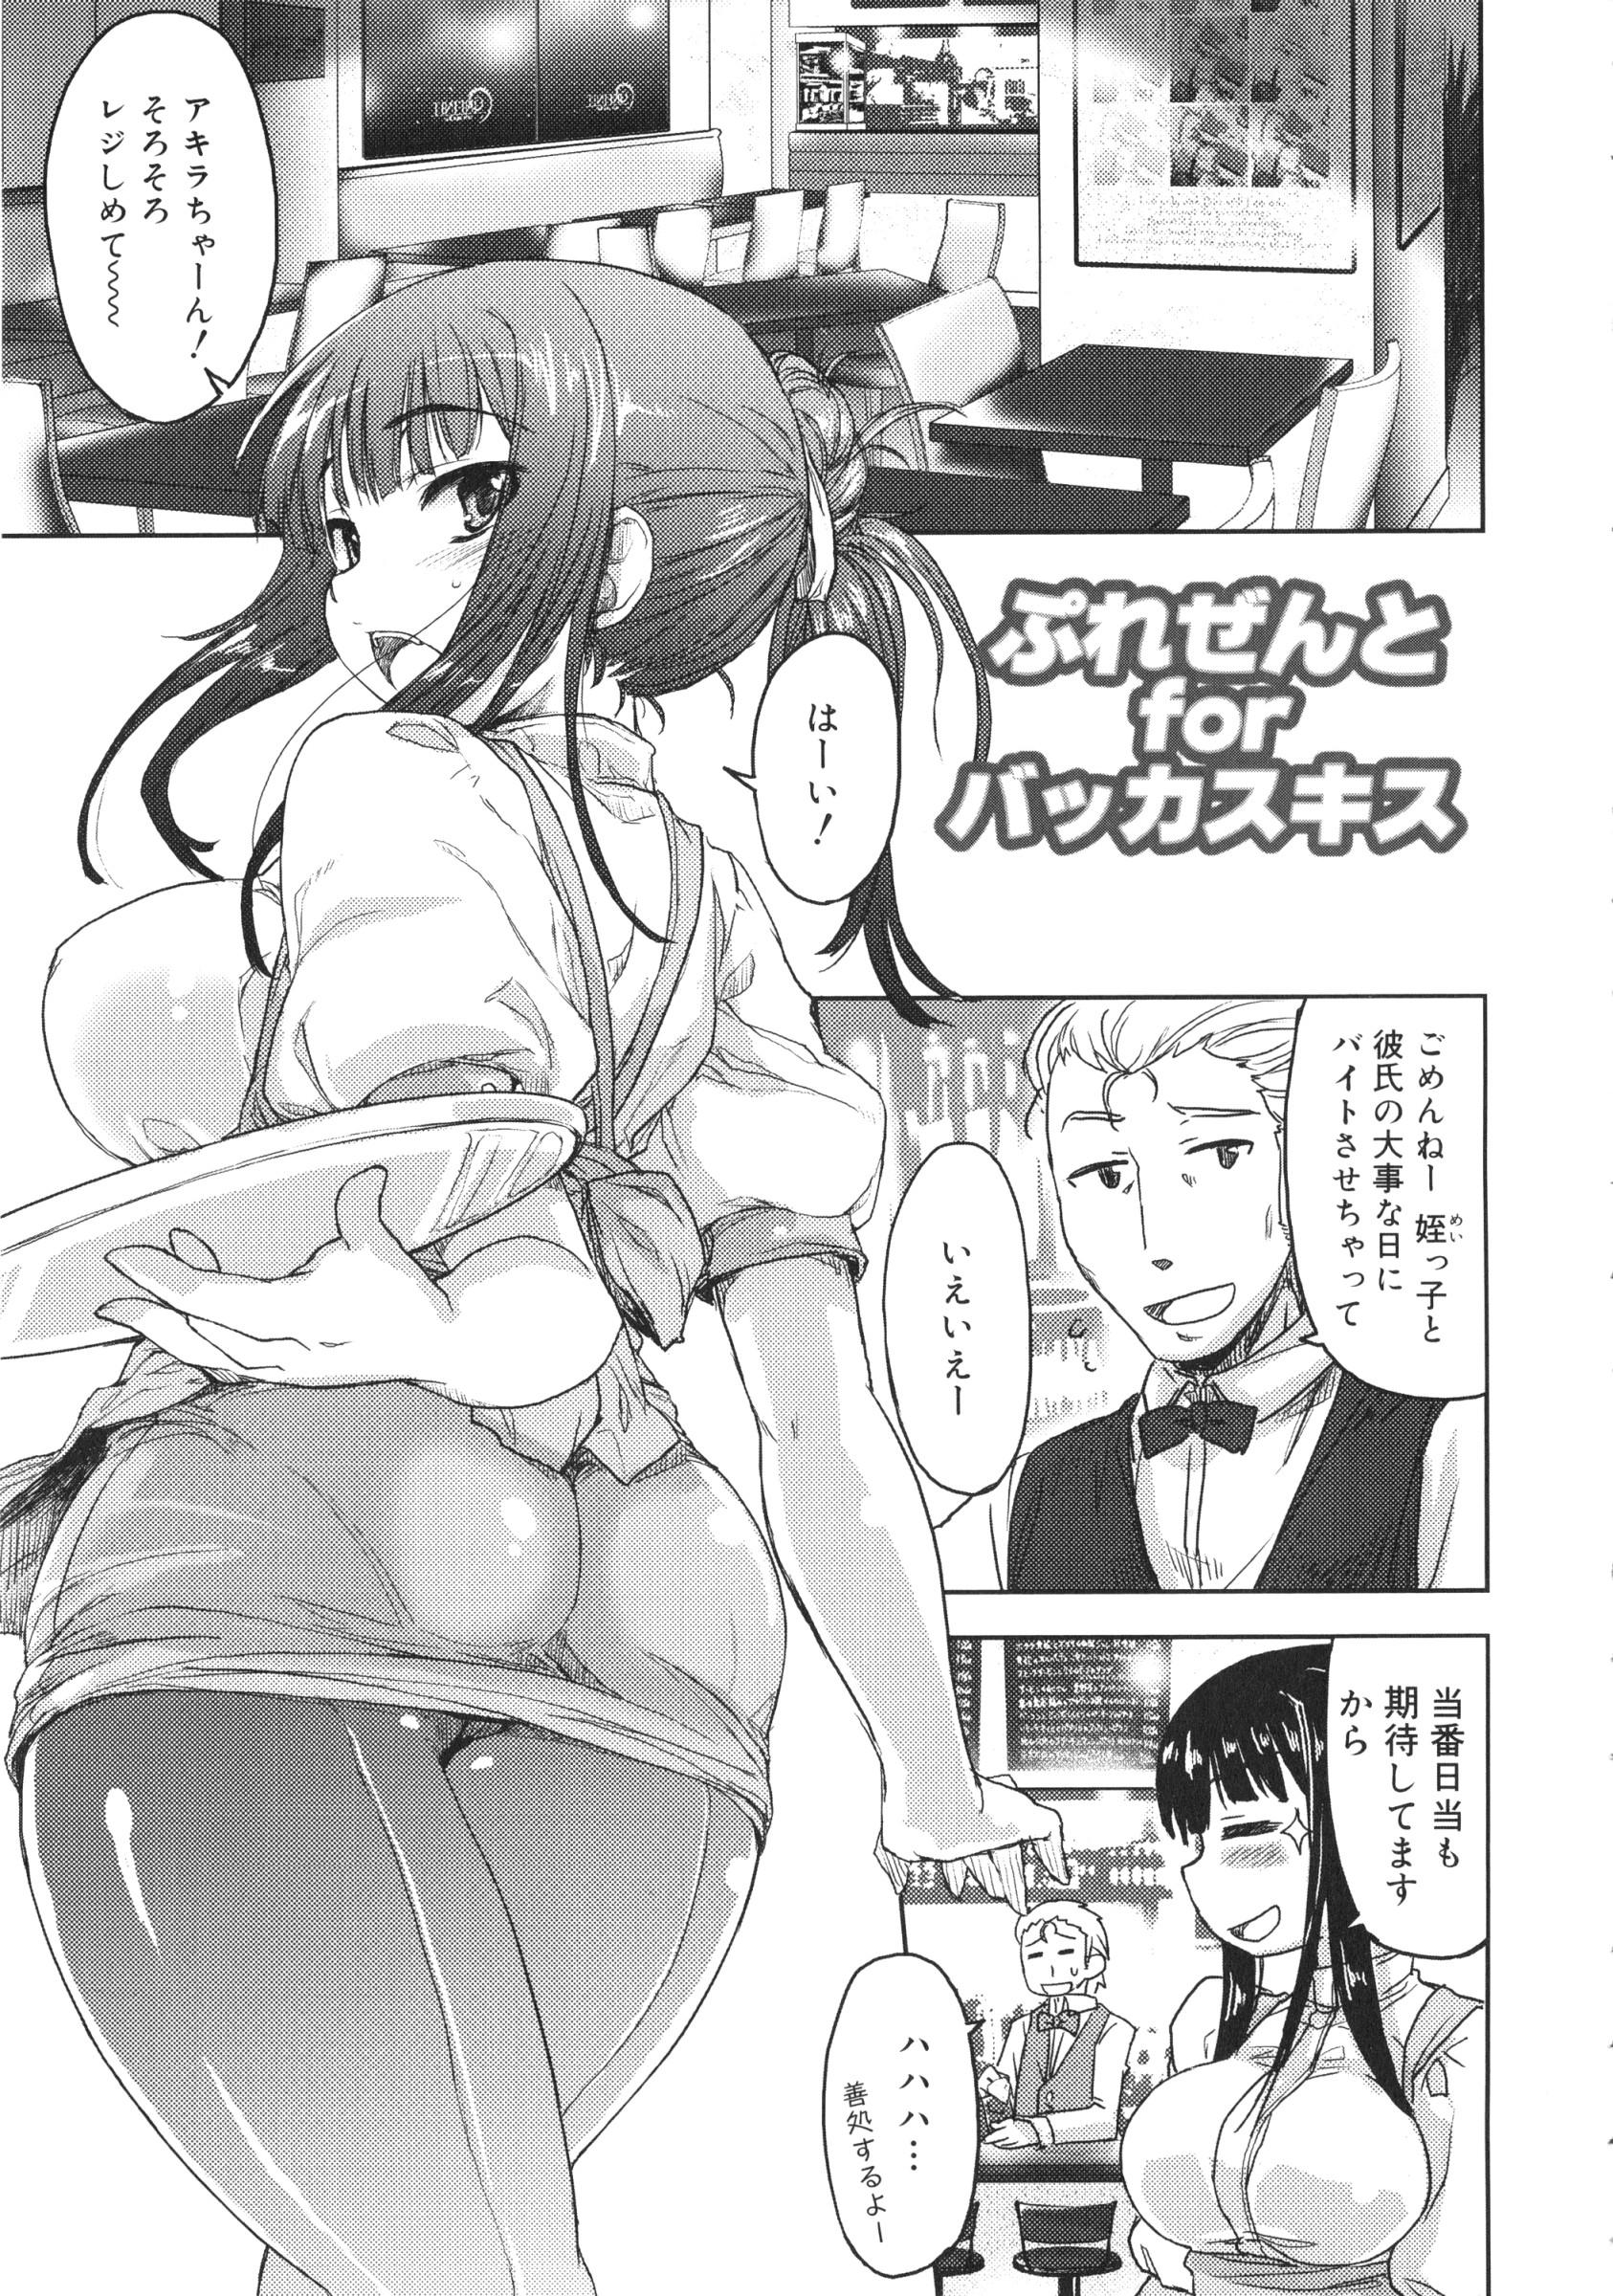 [有馬侭] ぷれぜんとforバッカスキス (1)